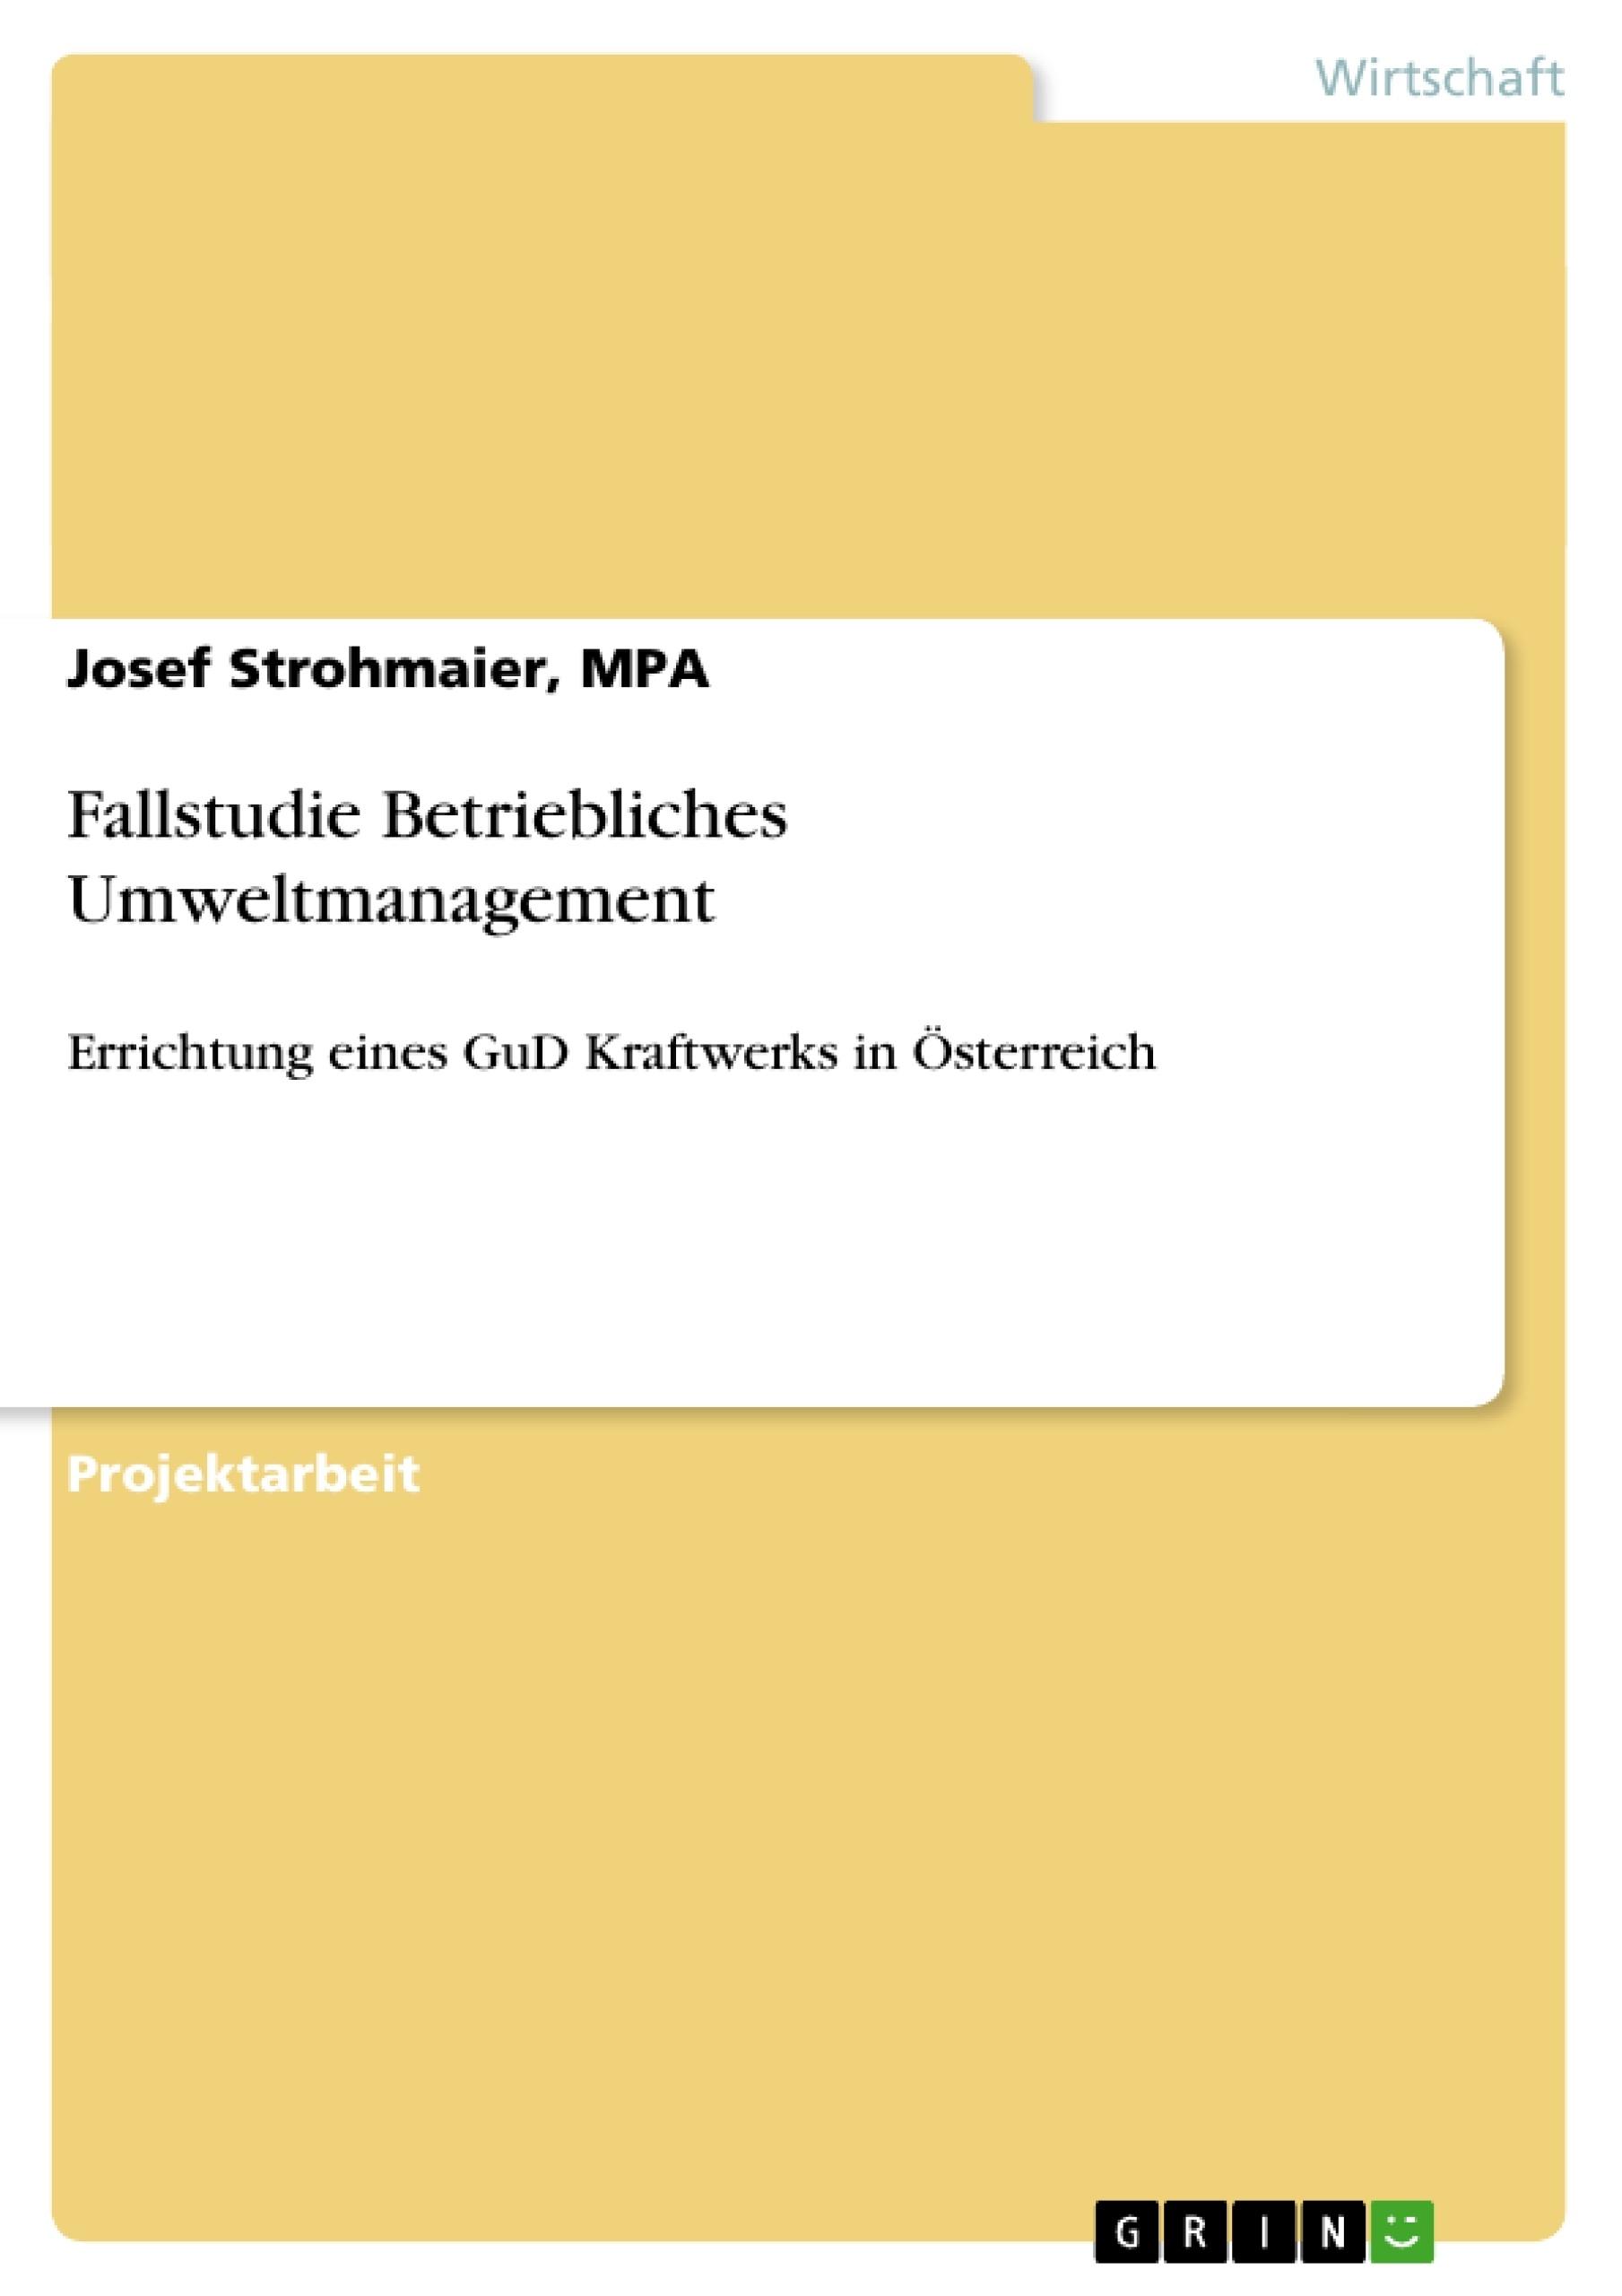 Titel: Fallstudie Betriebliches Umweltmanagement